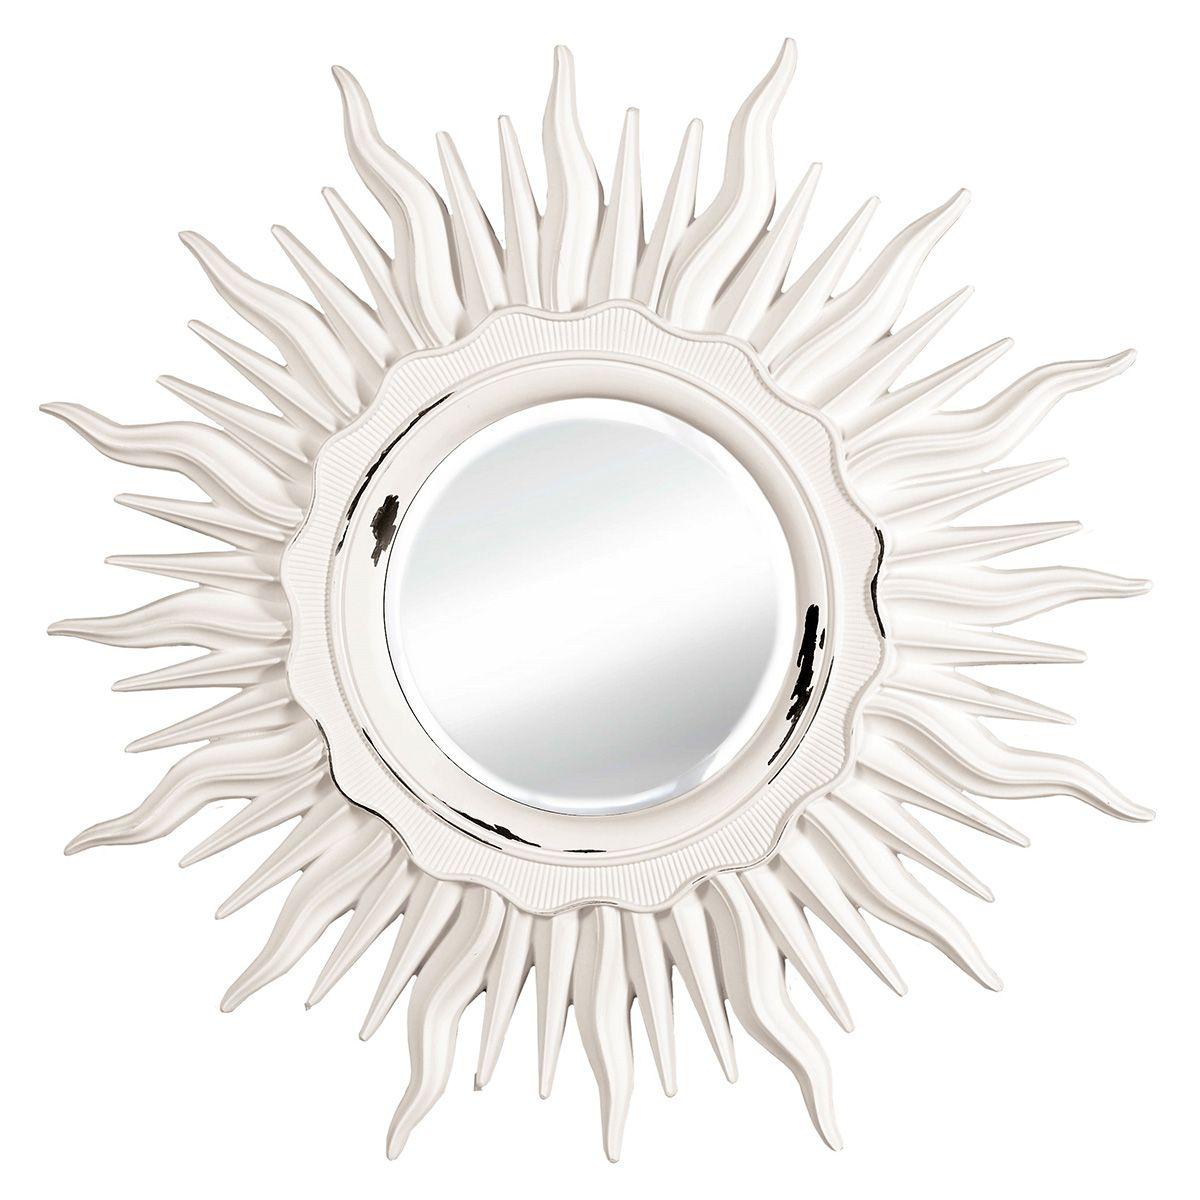 Зеркало настенное VezzoLLi Астро, цвет: белый, диаметр 96 см11-03Настенное зеркало VezzoLLi Астро добавит роскоши в интерьер любогопомещения. Зеркало выкрашено в стиле Шебби Шик - с потертостями. Изделие выполненовручную. Такое зеркало прекрасно подойдет для украшения дома. Диаметр зеркала: 33 см. Диаметр с учетом рамы: 96 см.